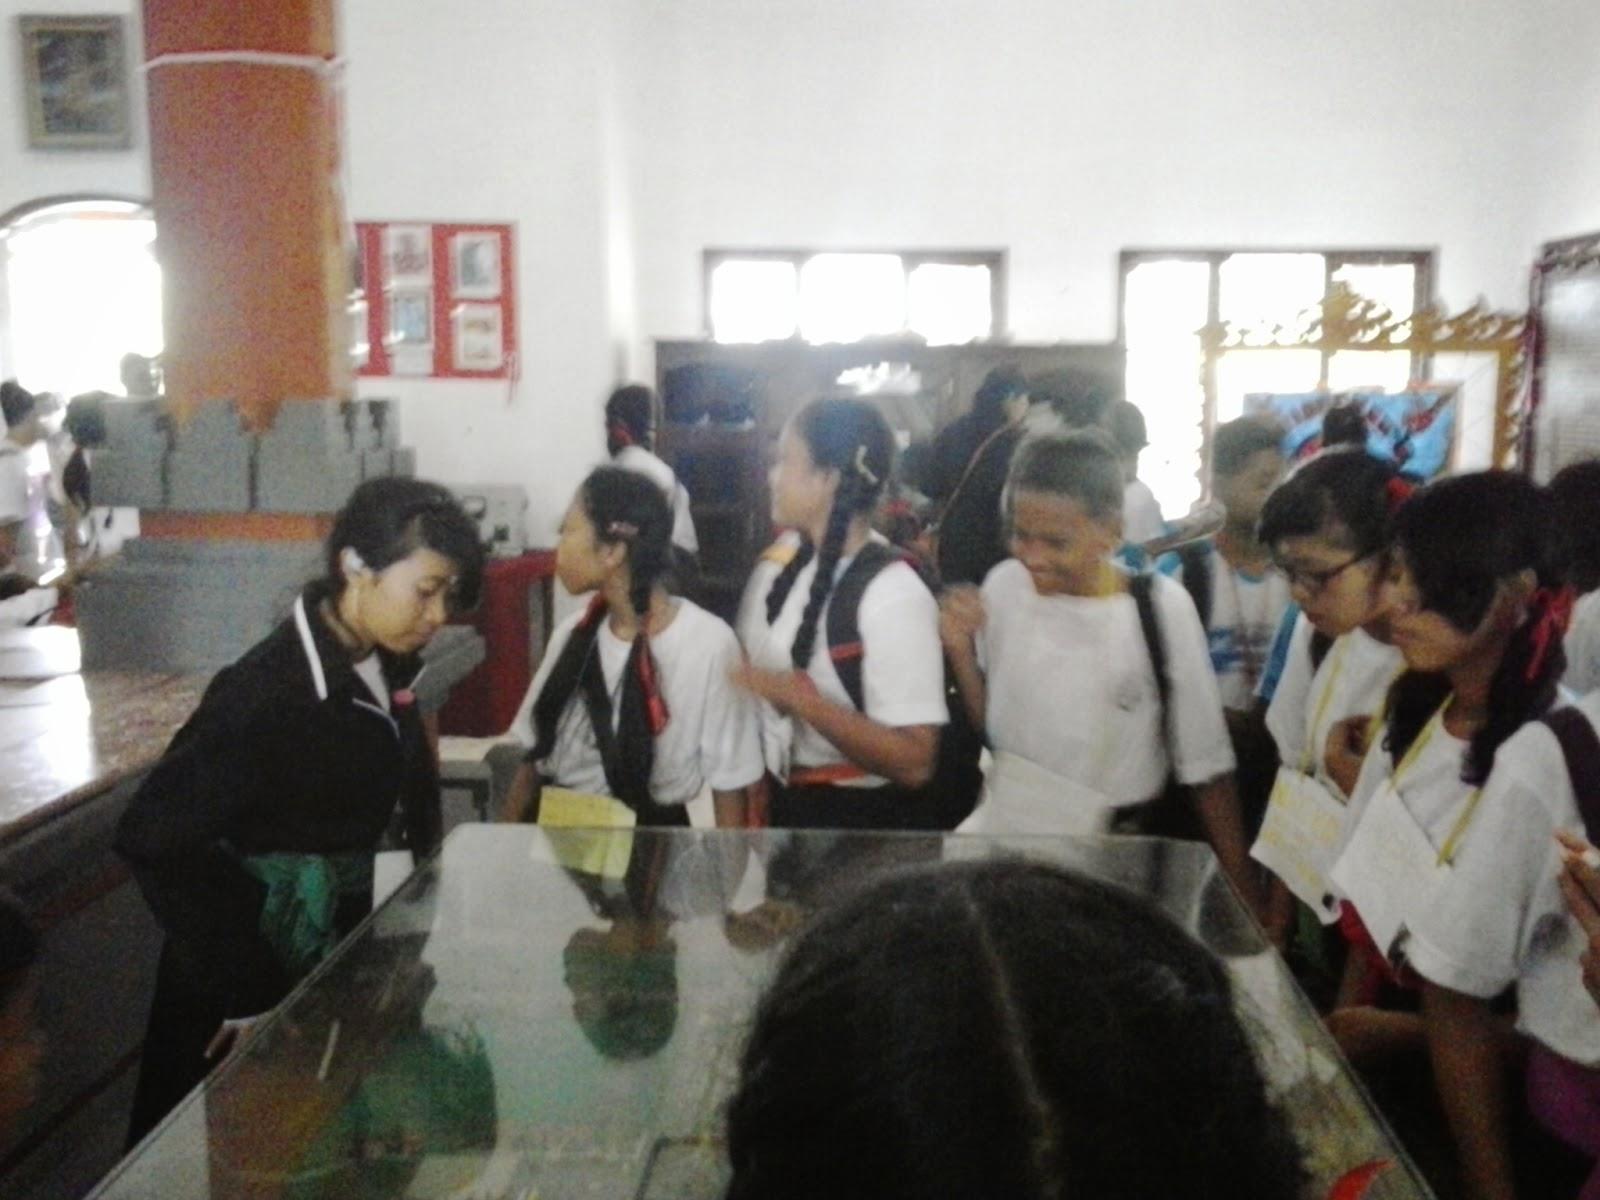 Para siswa sedang mengamati Peninggalan sejarah di Museum Puputan Margarana